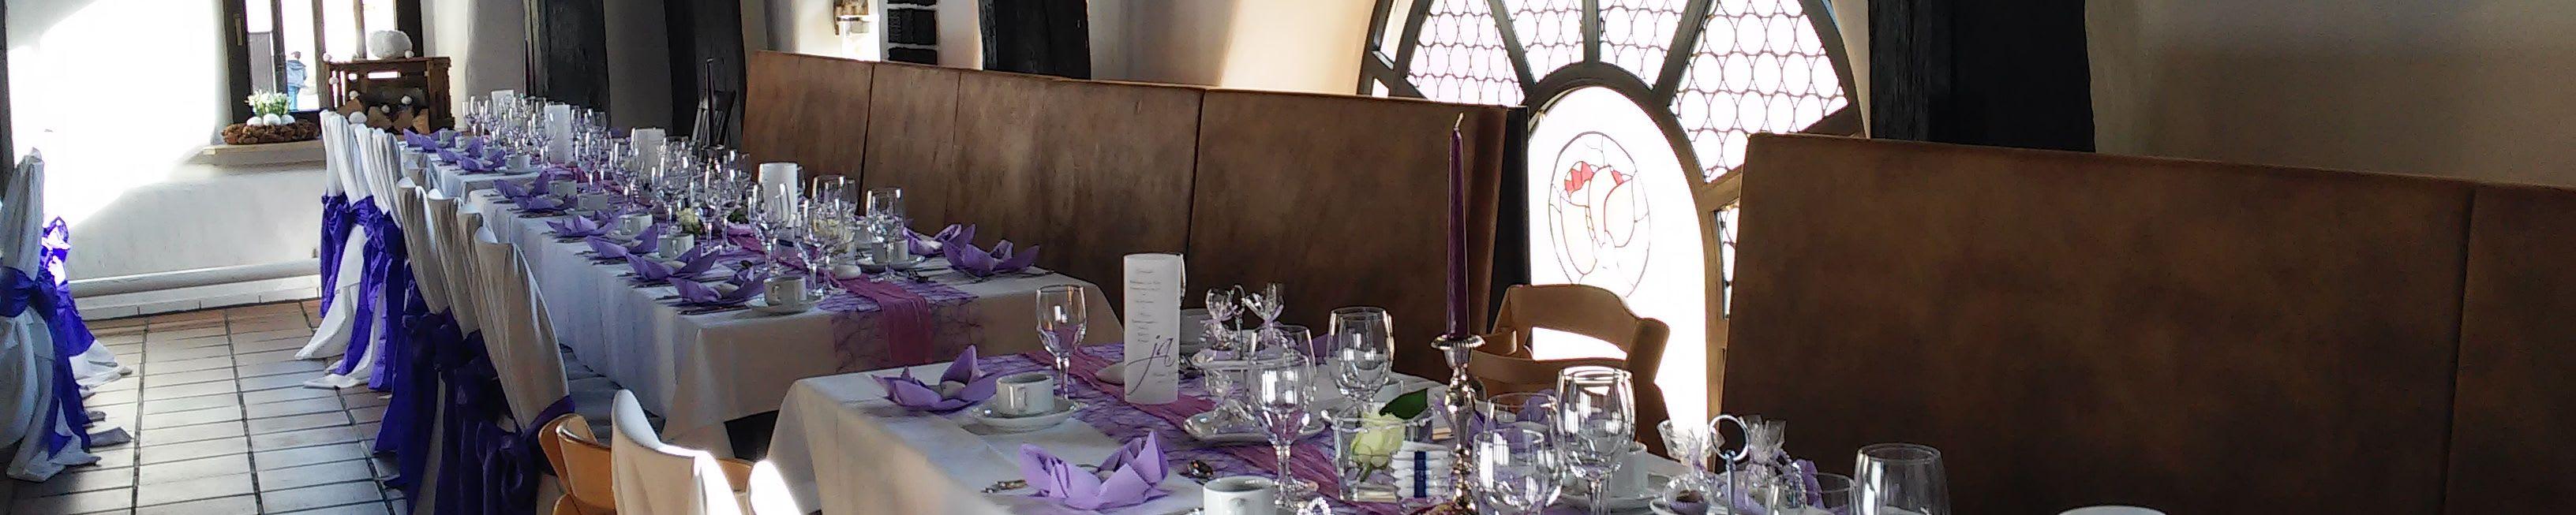 Catering und Veranstaltungsservice von Alte Kelter